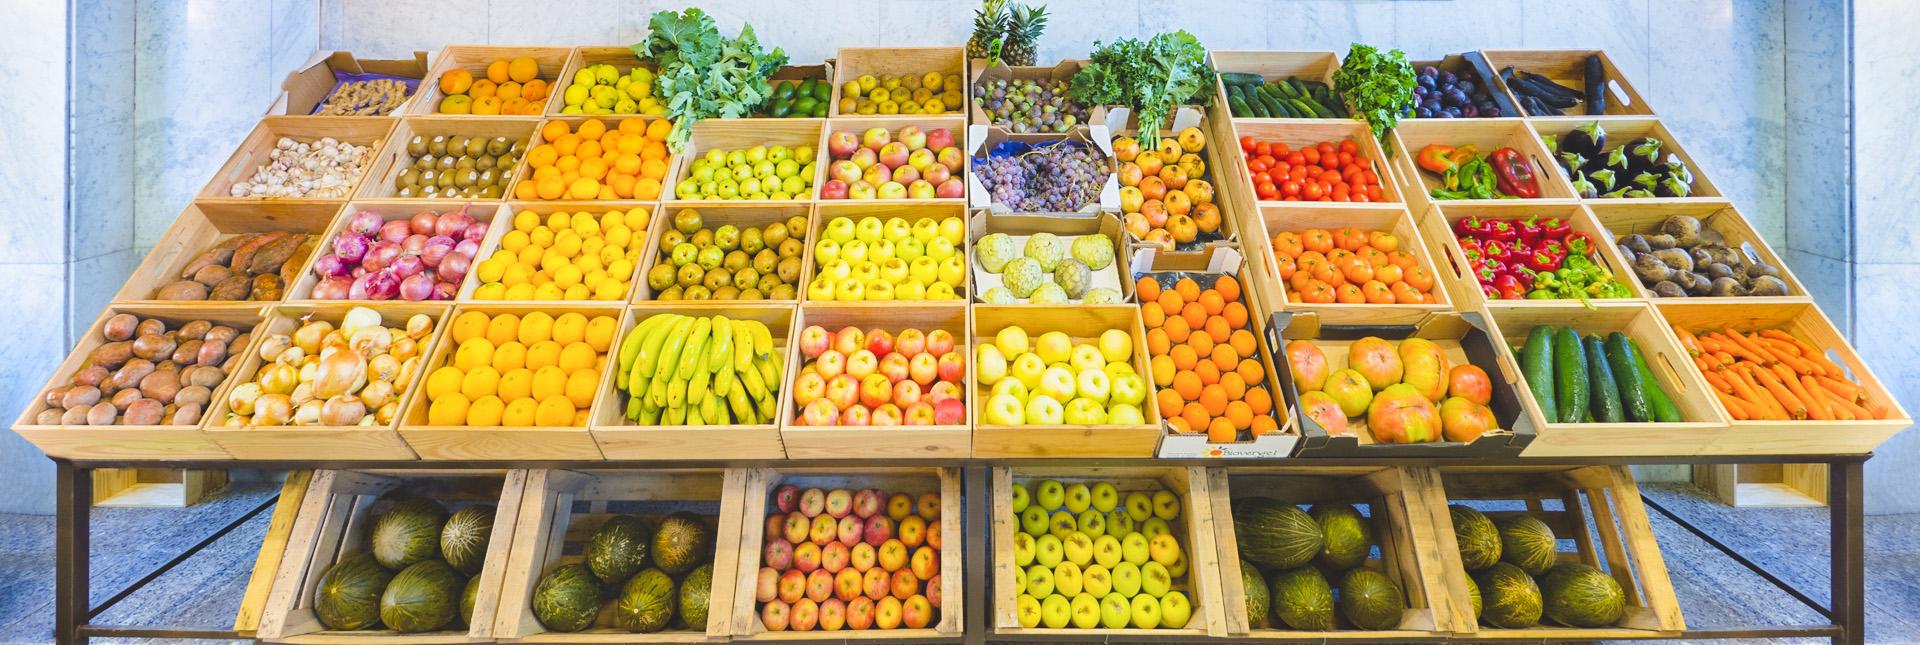 Frutas procedentes de agricultura ecológica